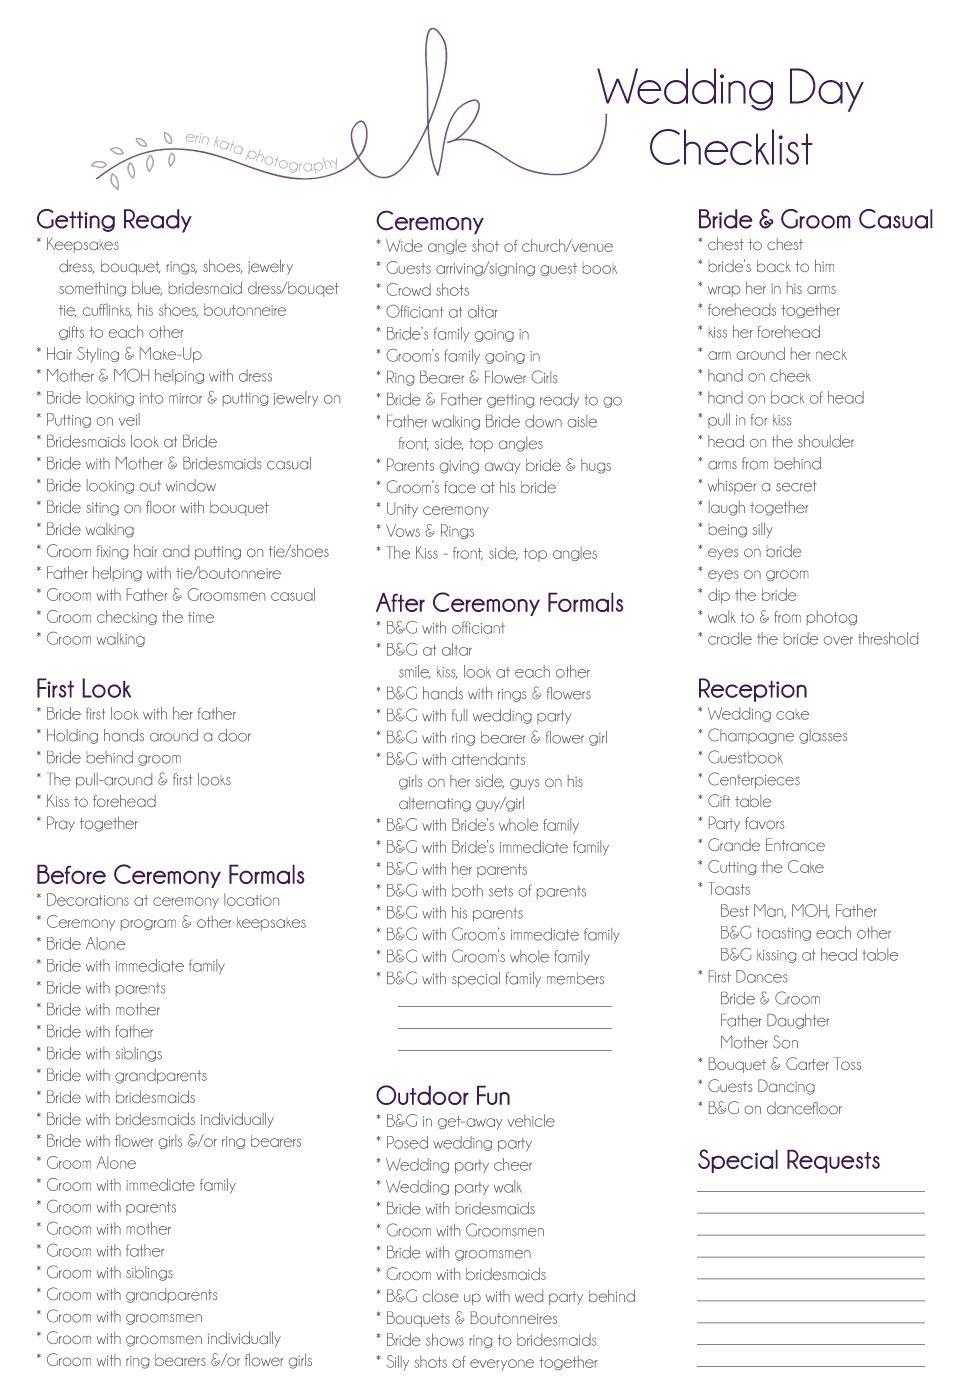 Wedding Planner Template Guide Checklist Decoration cakepins.com ...